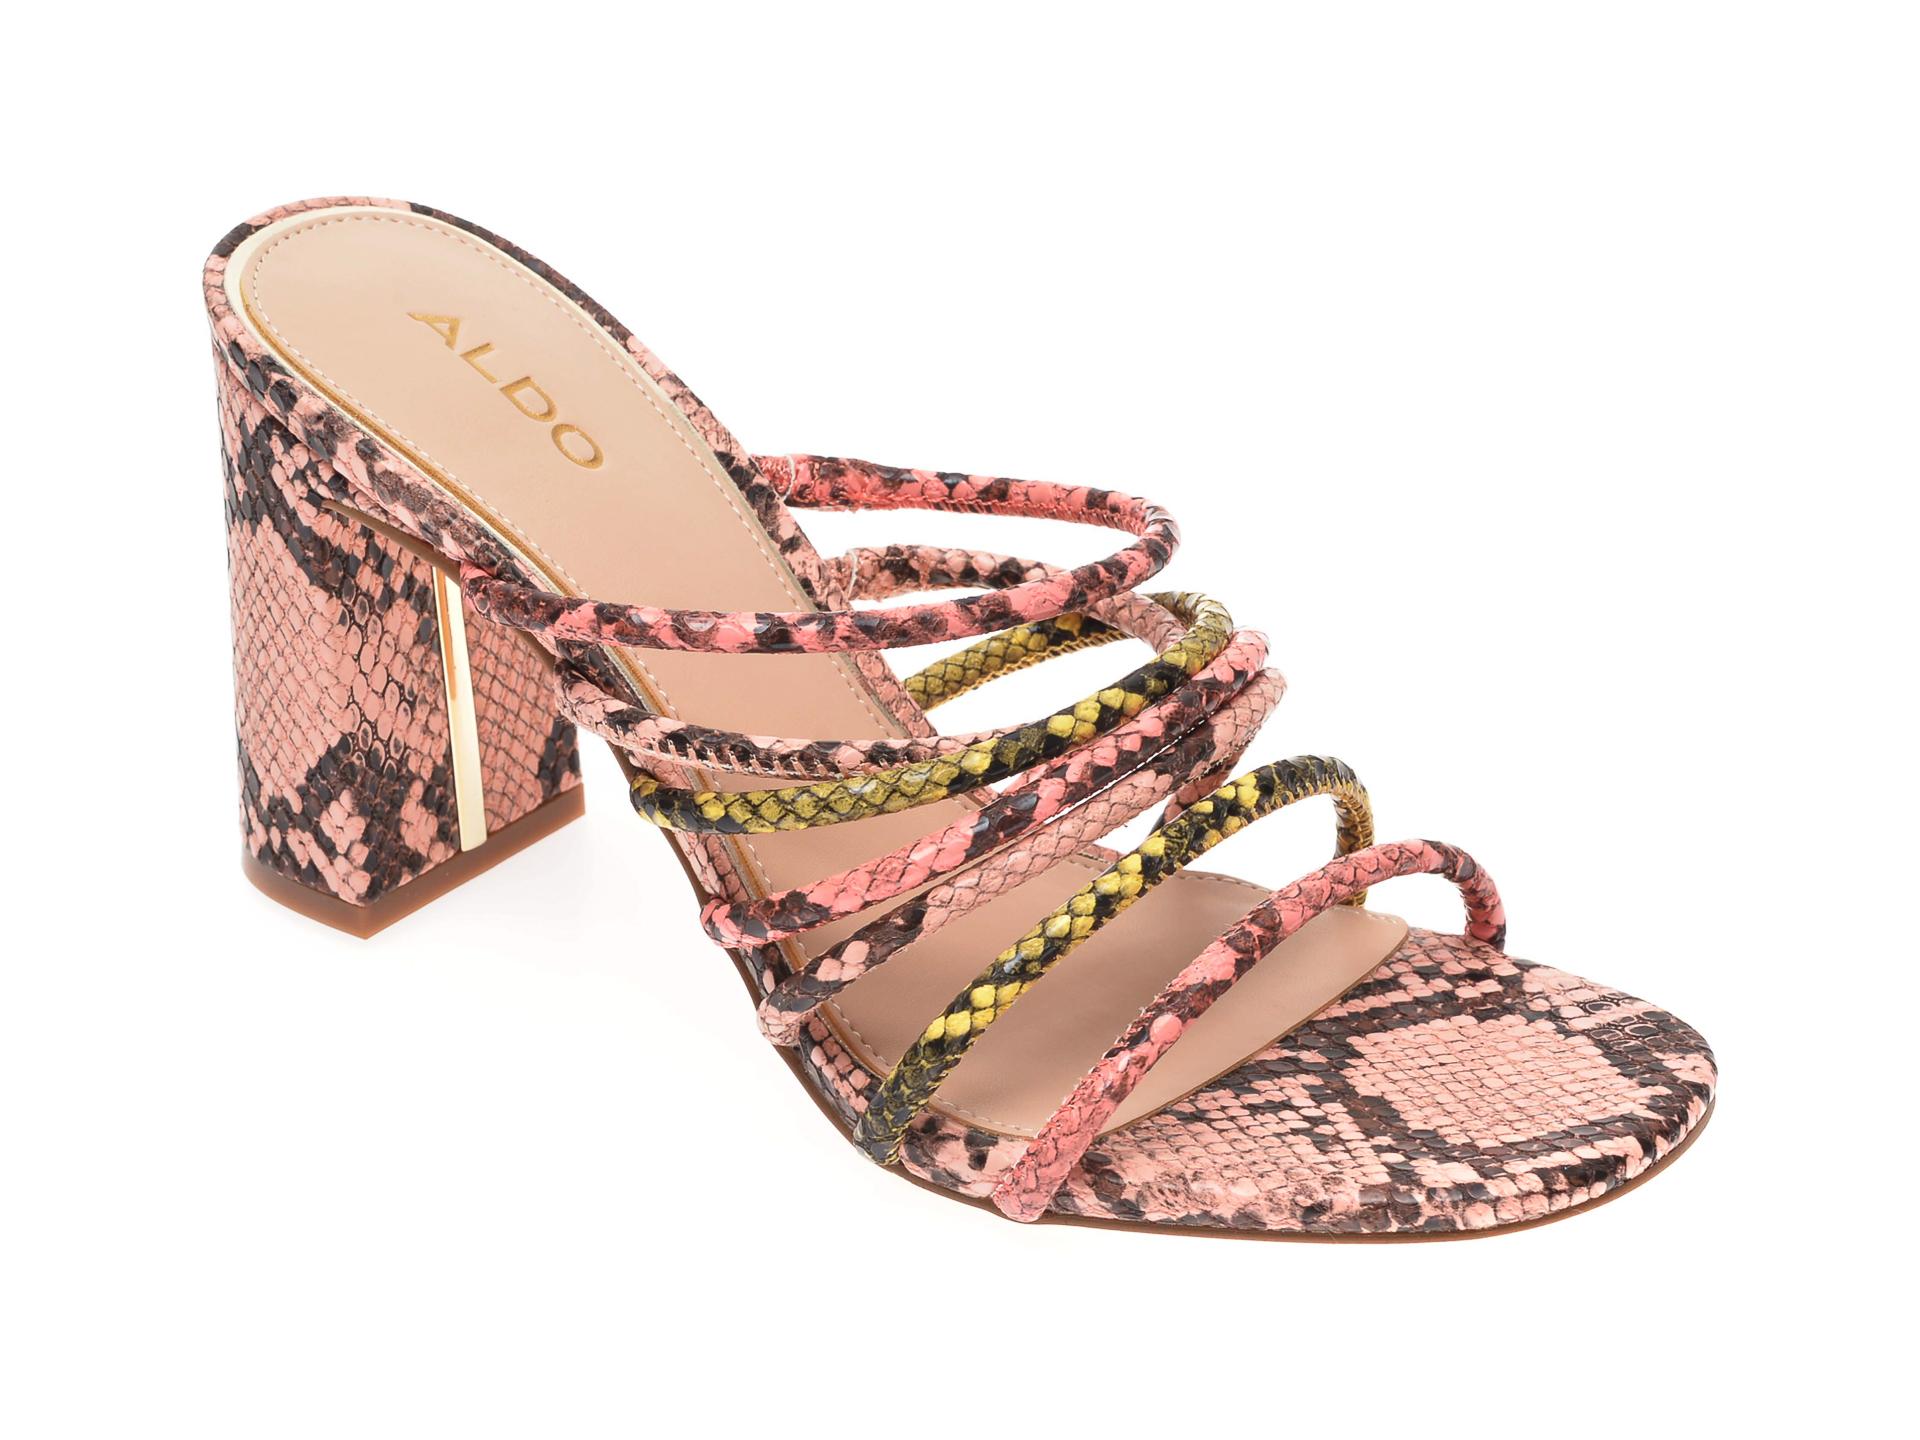 Papuci ALDO roz, Trelidda690, din piele ecologica imagine